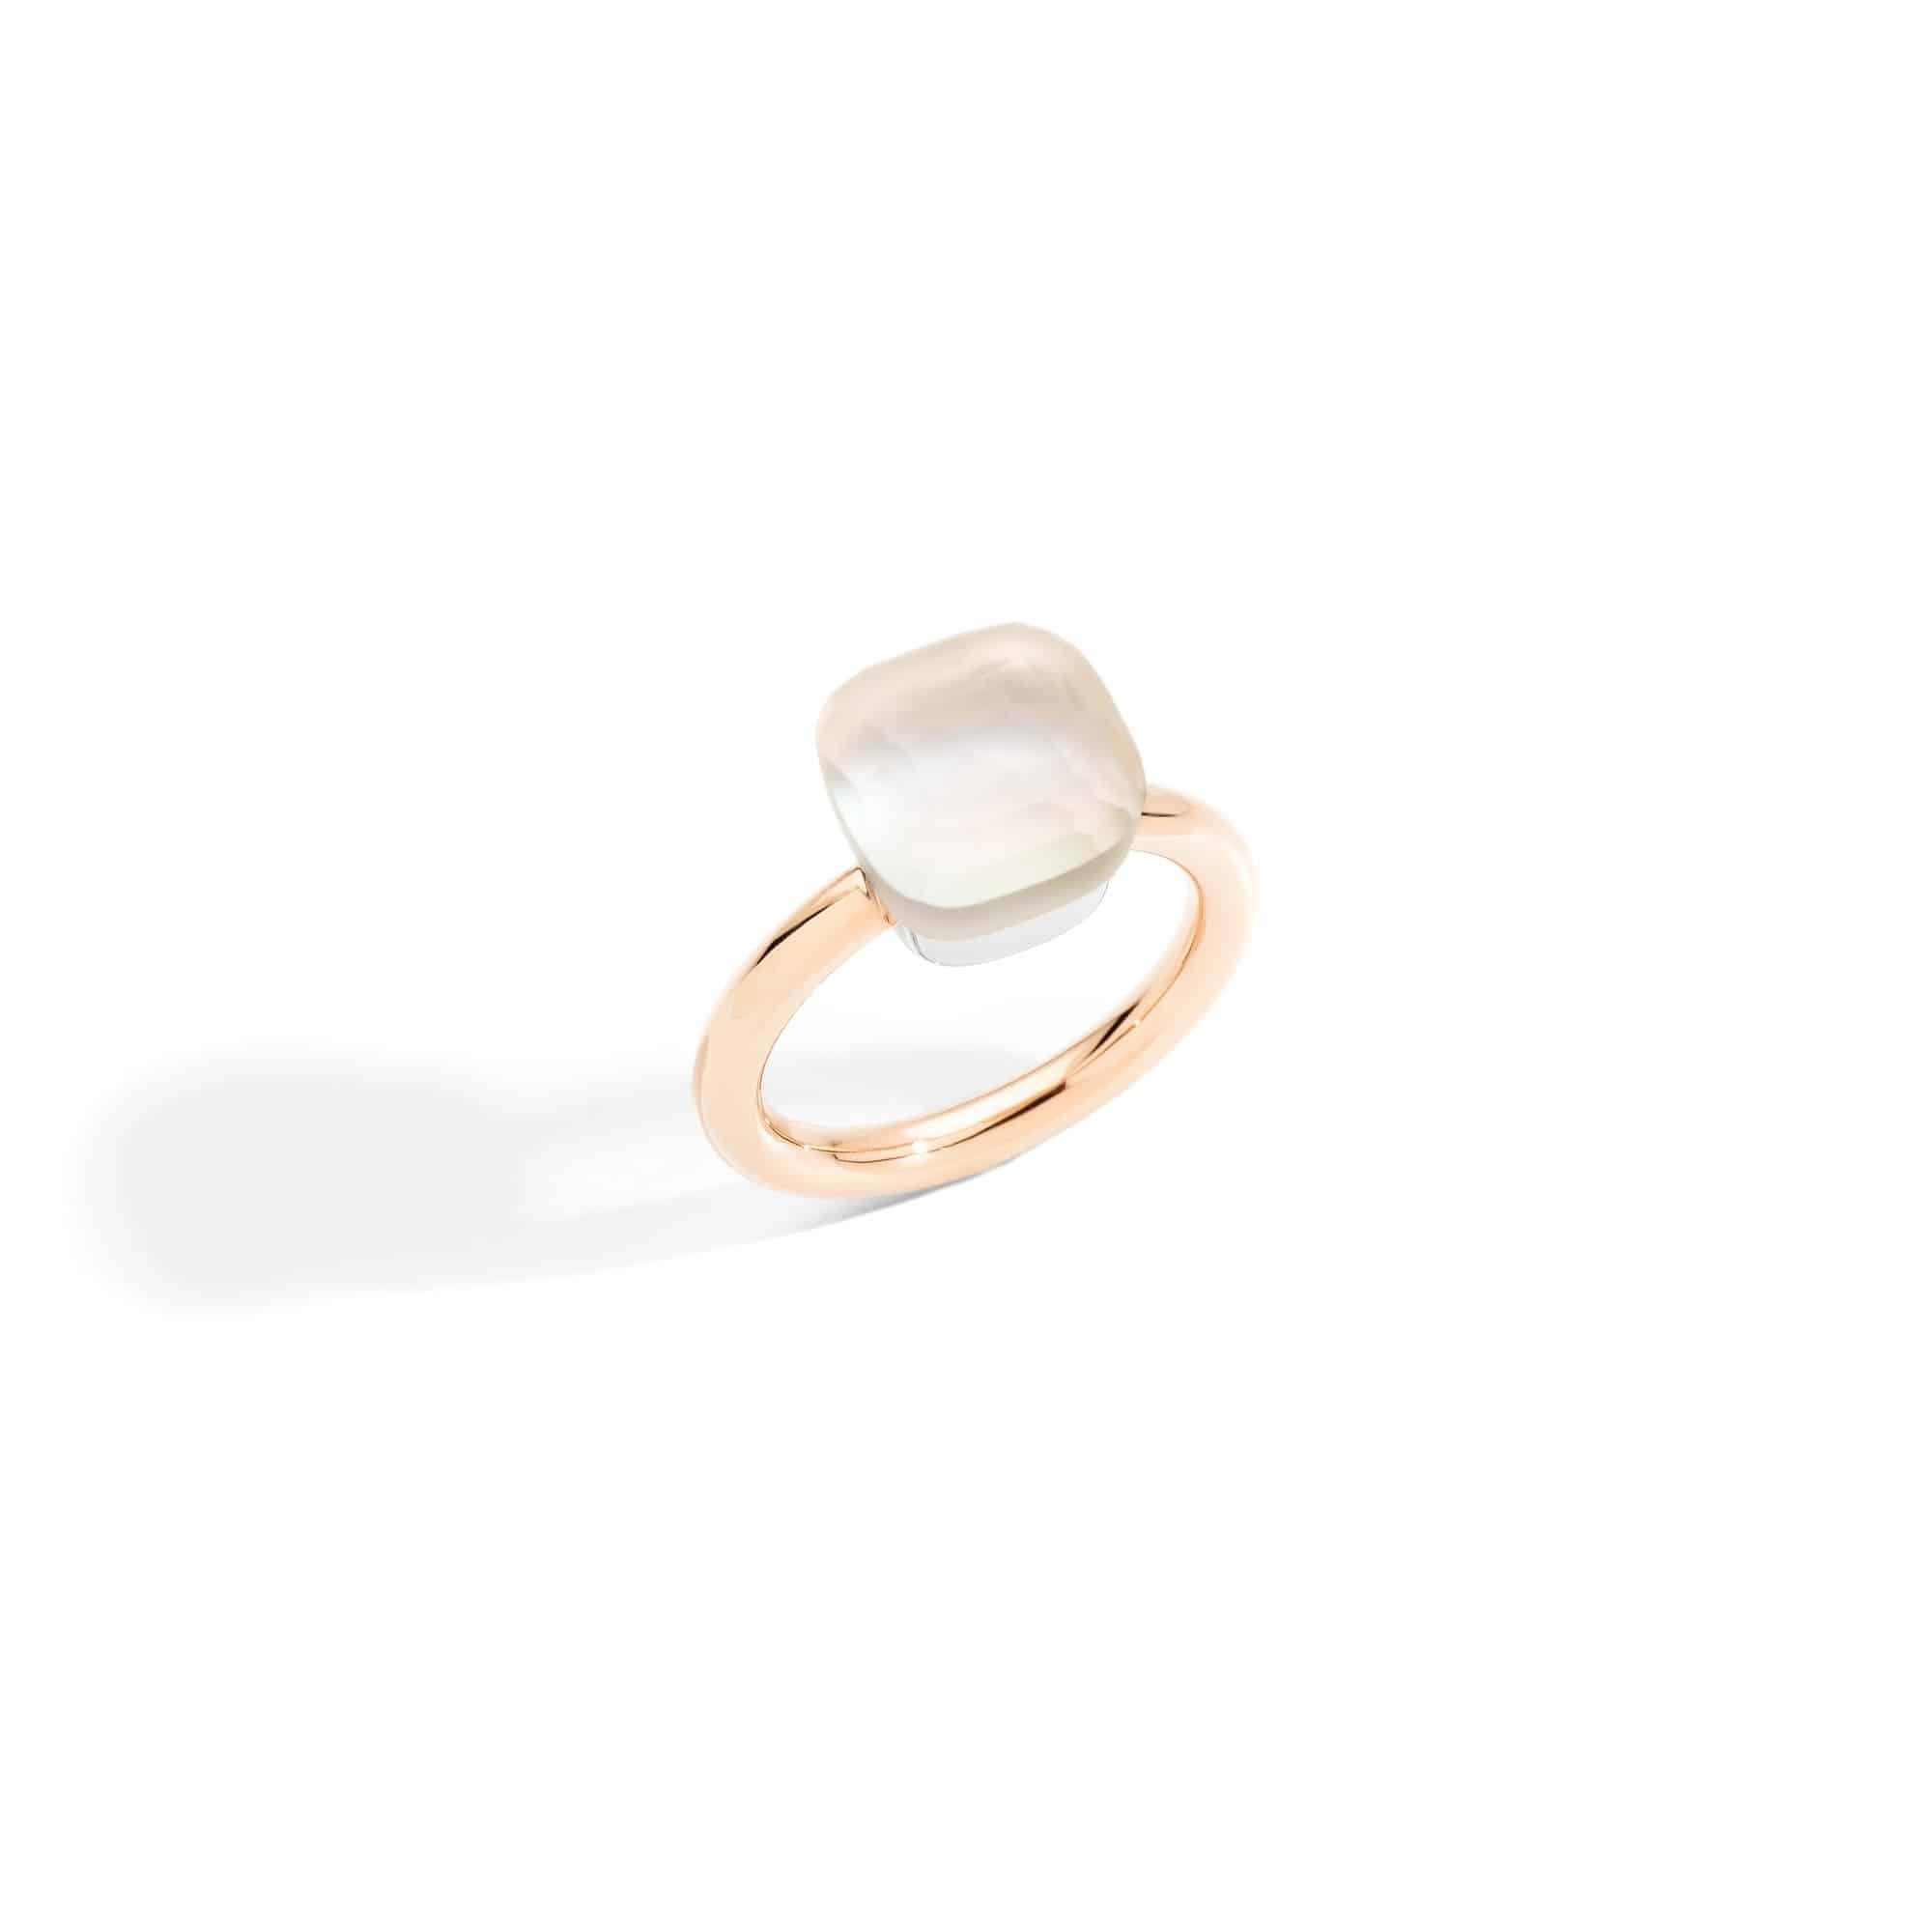 Pomellato Nudo Ring aus Roségold mit weißem Topas und Perlmutt